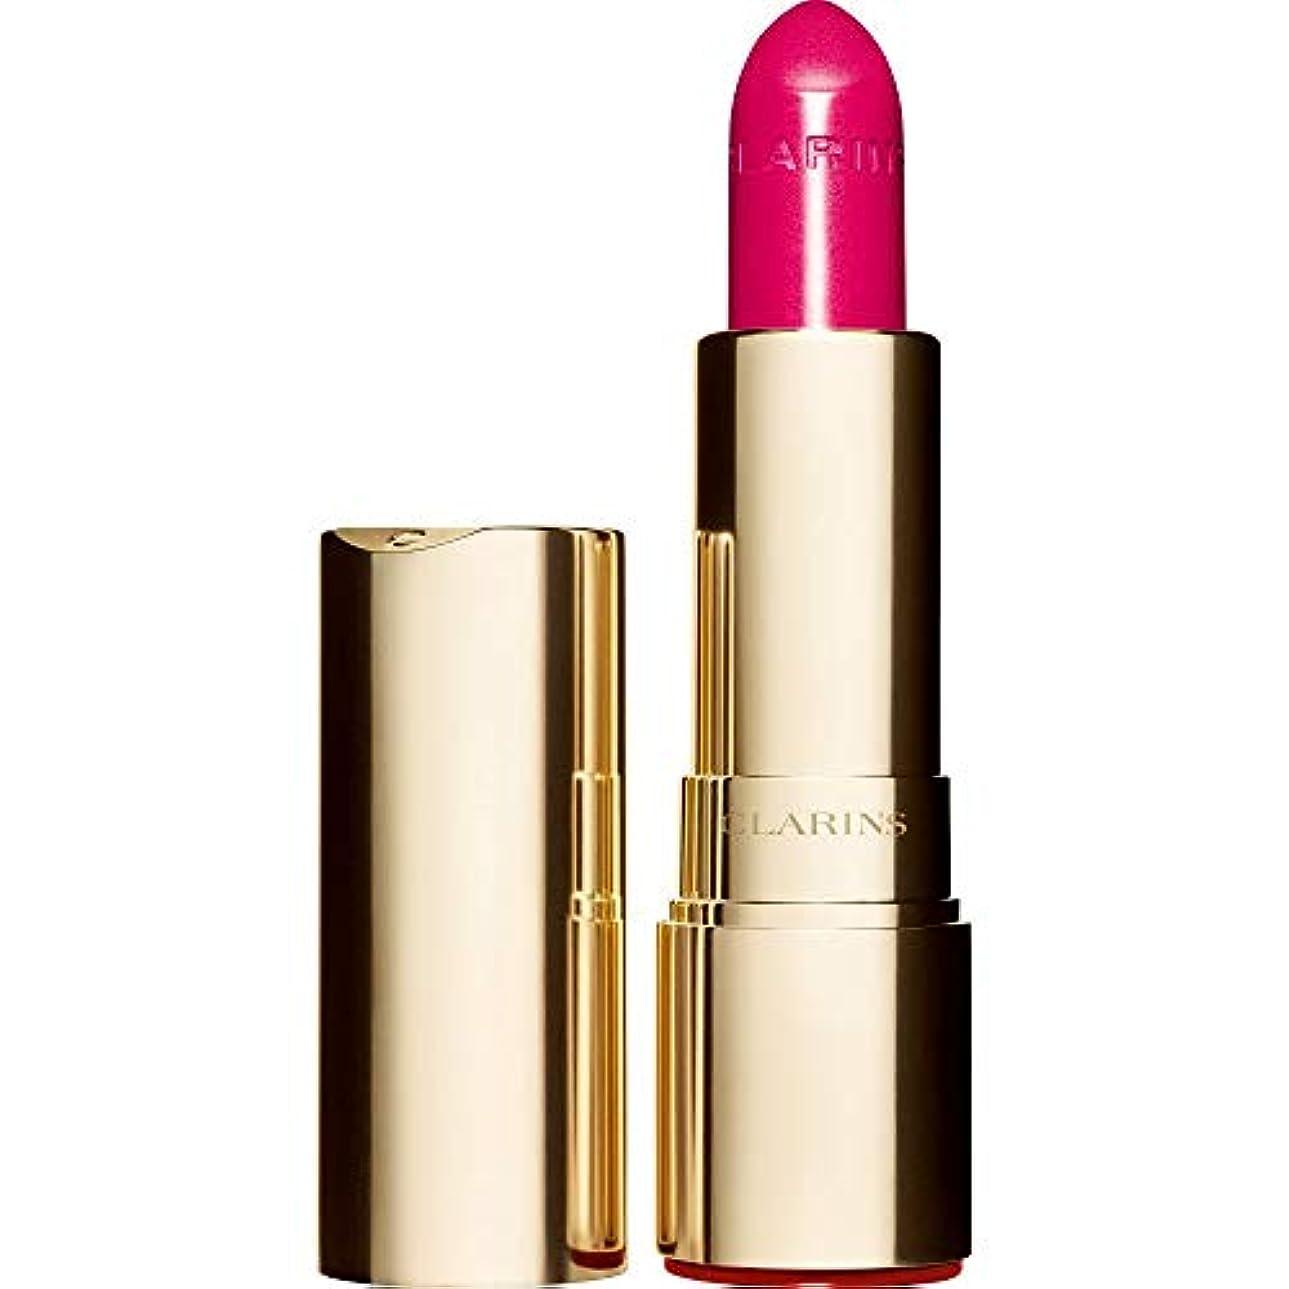 極貧進行中湿気の多い[Clarins ] クラランスジョリルージュブリリアント口紅3.5グラムの713S - ホットピンク - Clarins Joli Rouge Brillant Lipstick 3.5g 713S - Hot Pink [並行輸入品]